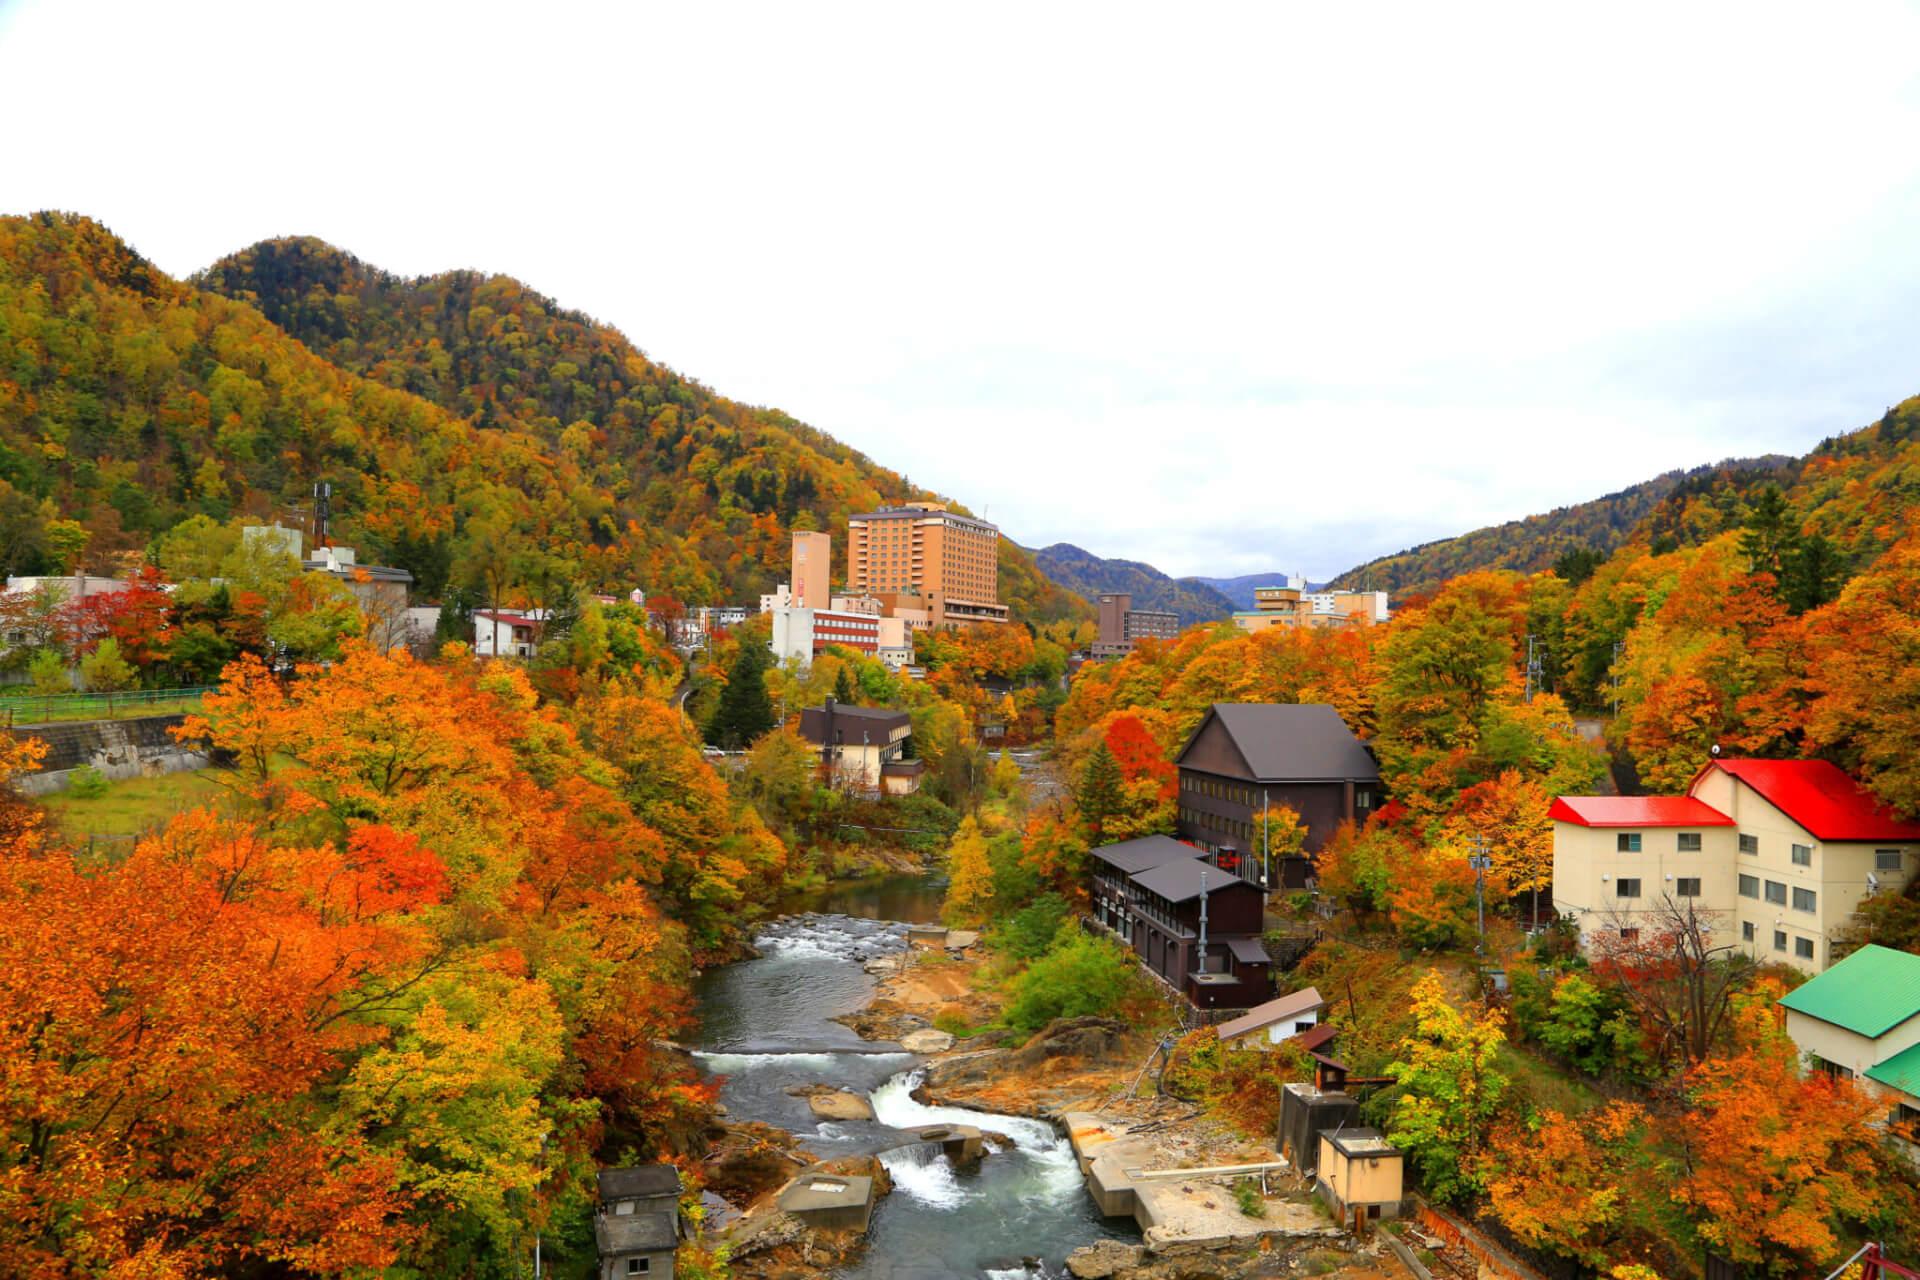 【国内・北海道】 紅葉の朝日岳、夕日岳ハイキングと豊平峡ダム、定山渓温泉の旅